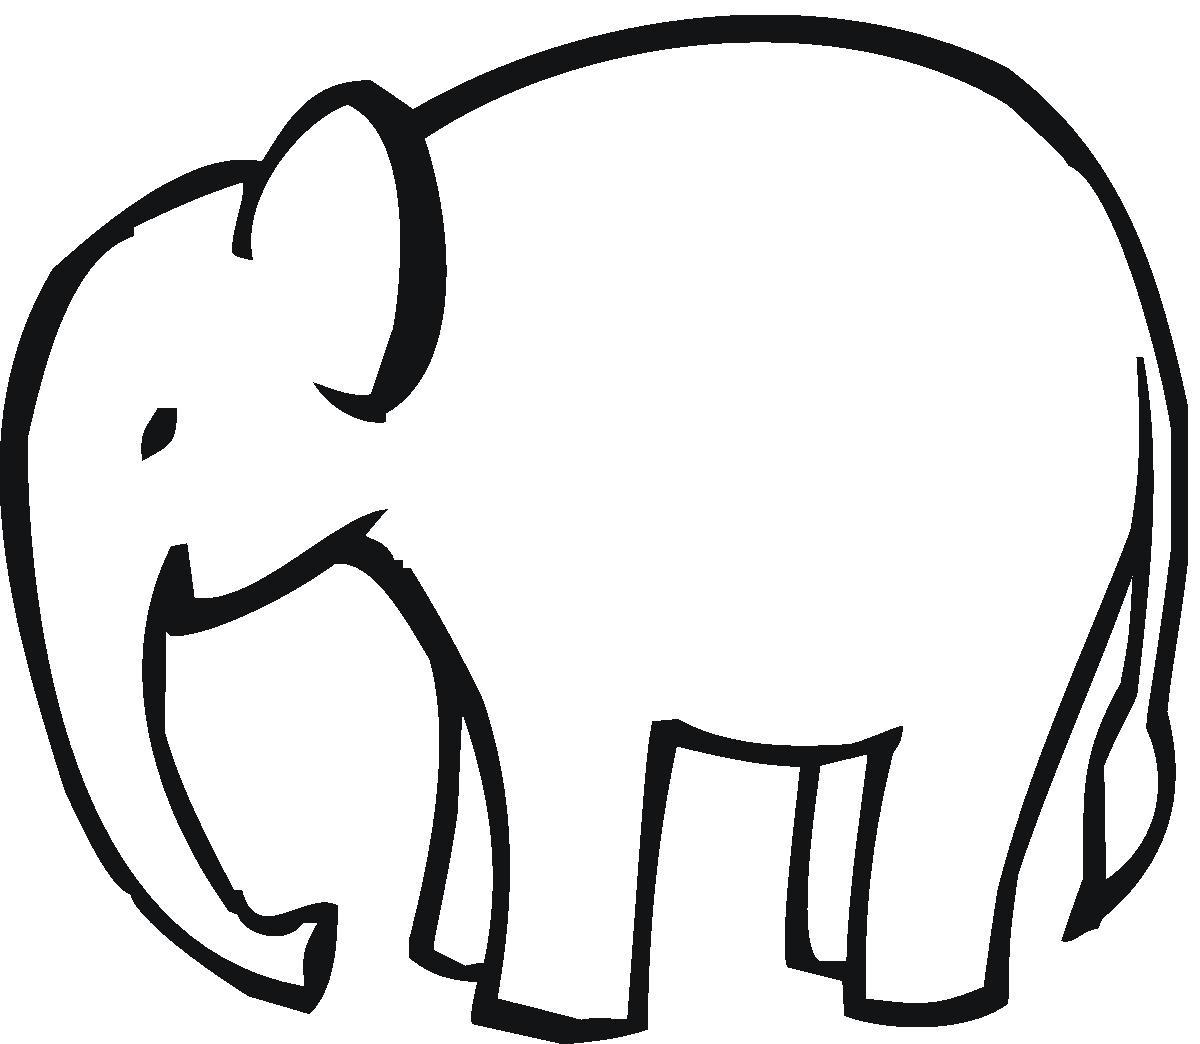 Clipart Black And White Elephant Head Ou-Clipart Black And White Elephant Head Outline Mama Clipart Elephant-3